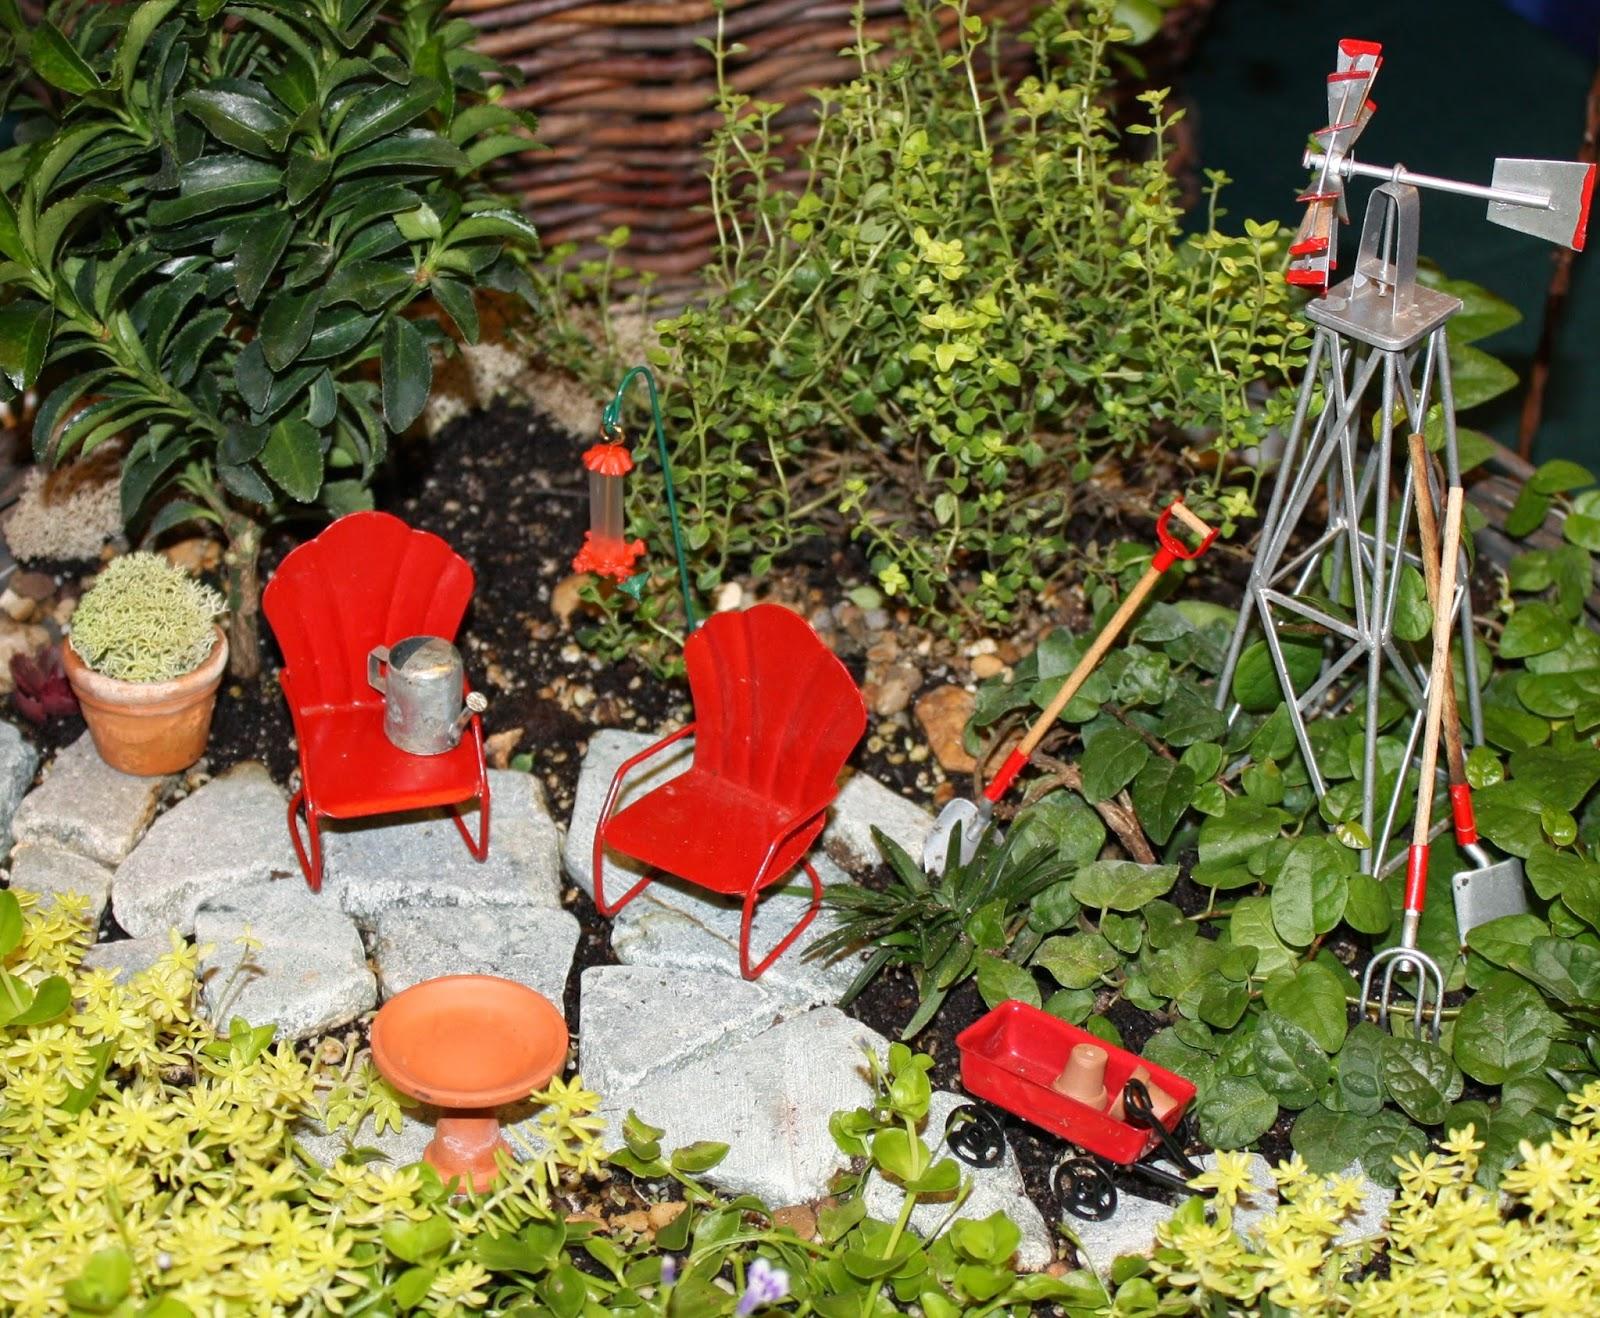 Garden Thyme with the Creative Gardener Creative Fairy